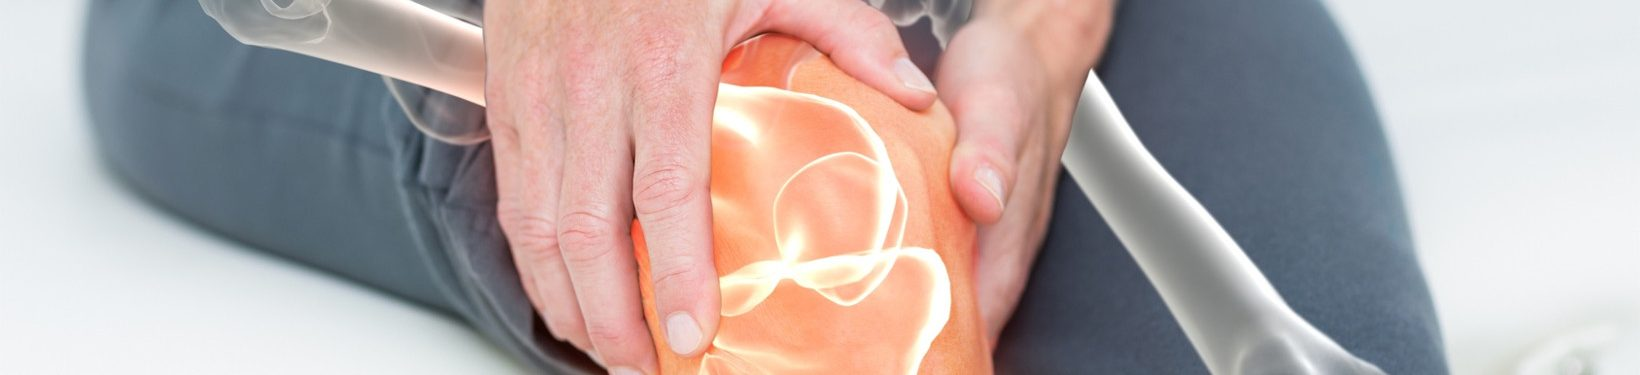 Oddział Ortopedii i Traumatologii Narządu Ruchu